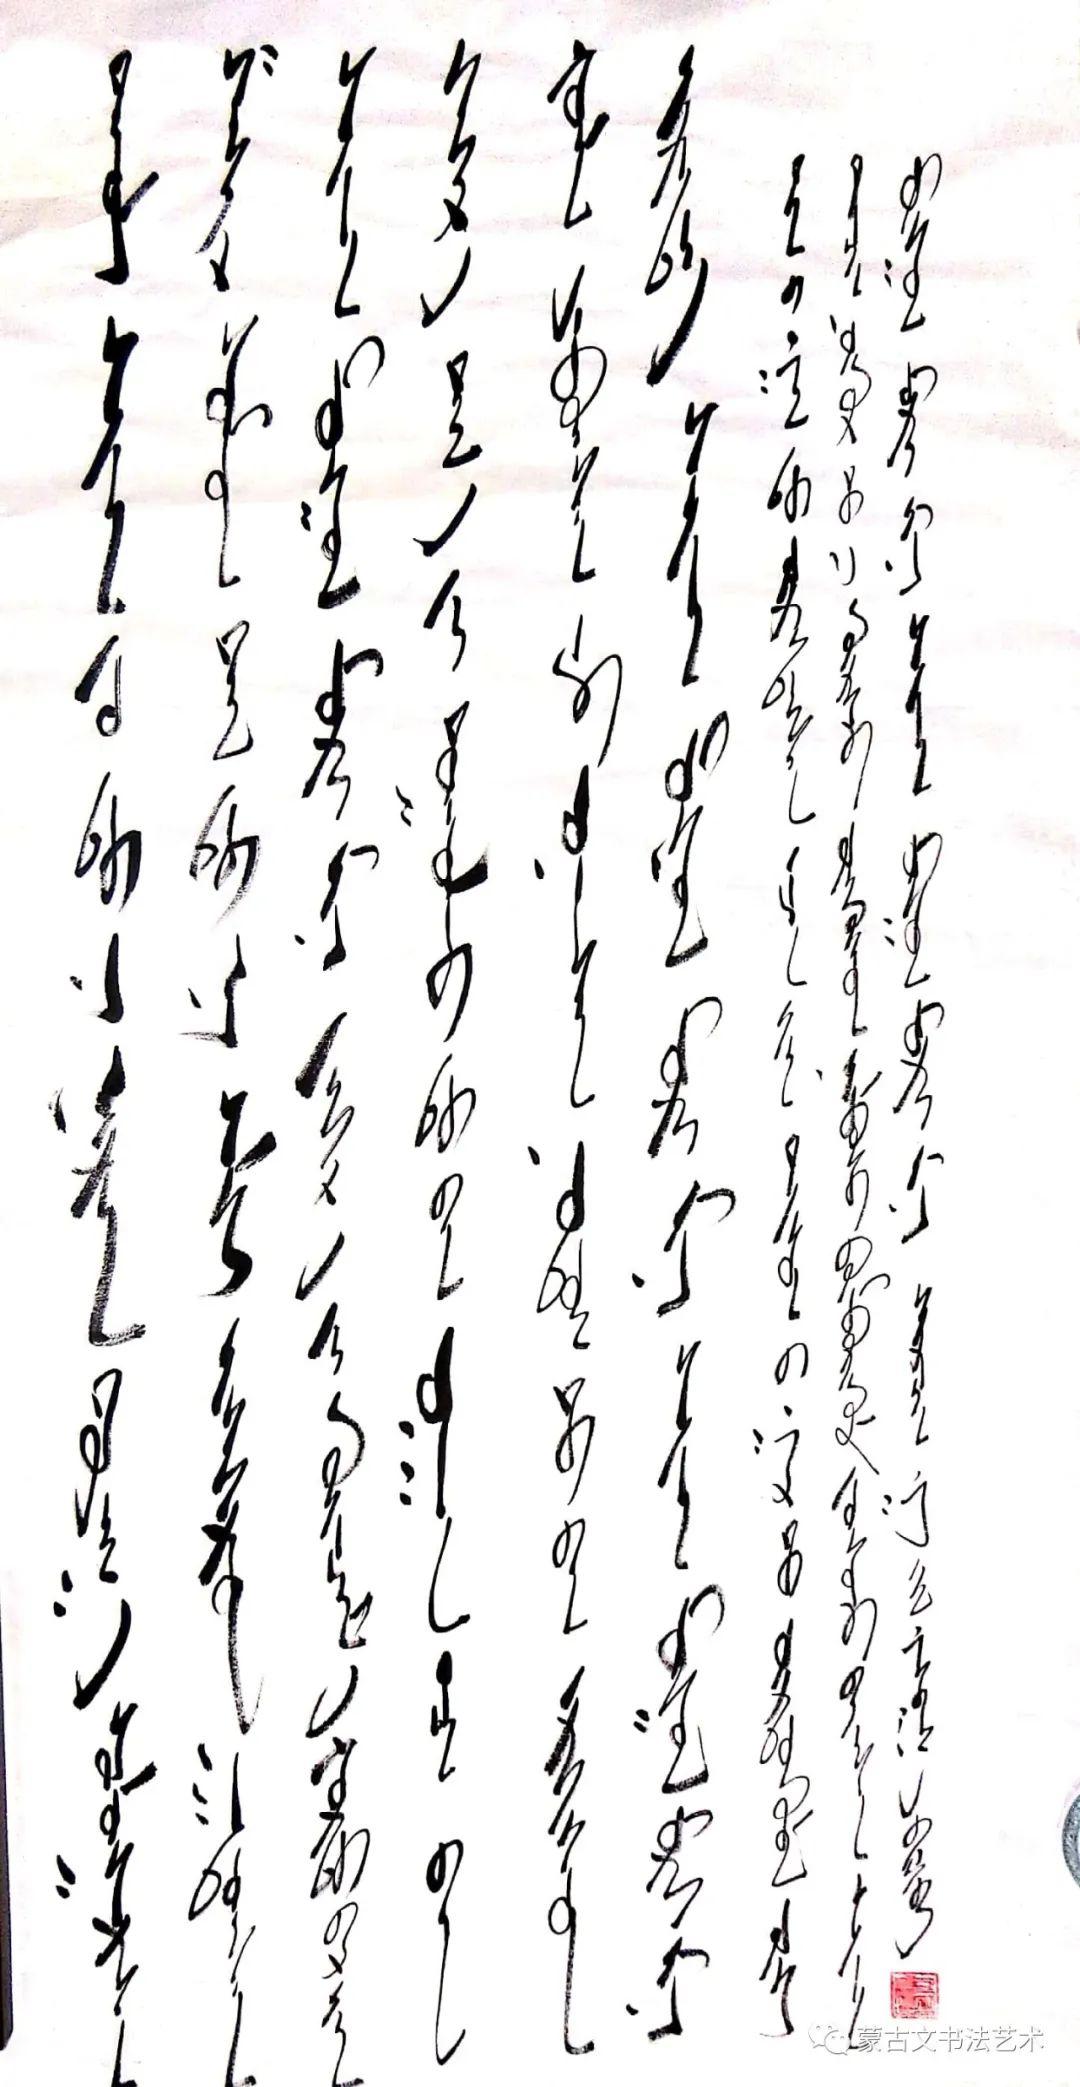 哈斯巴根蒙古文书法 第13张